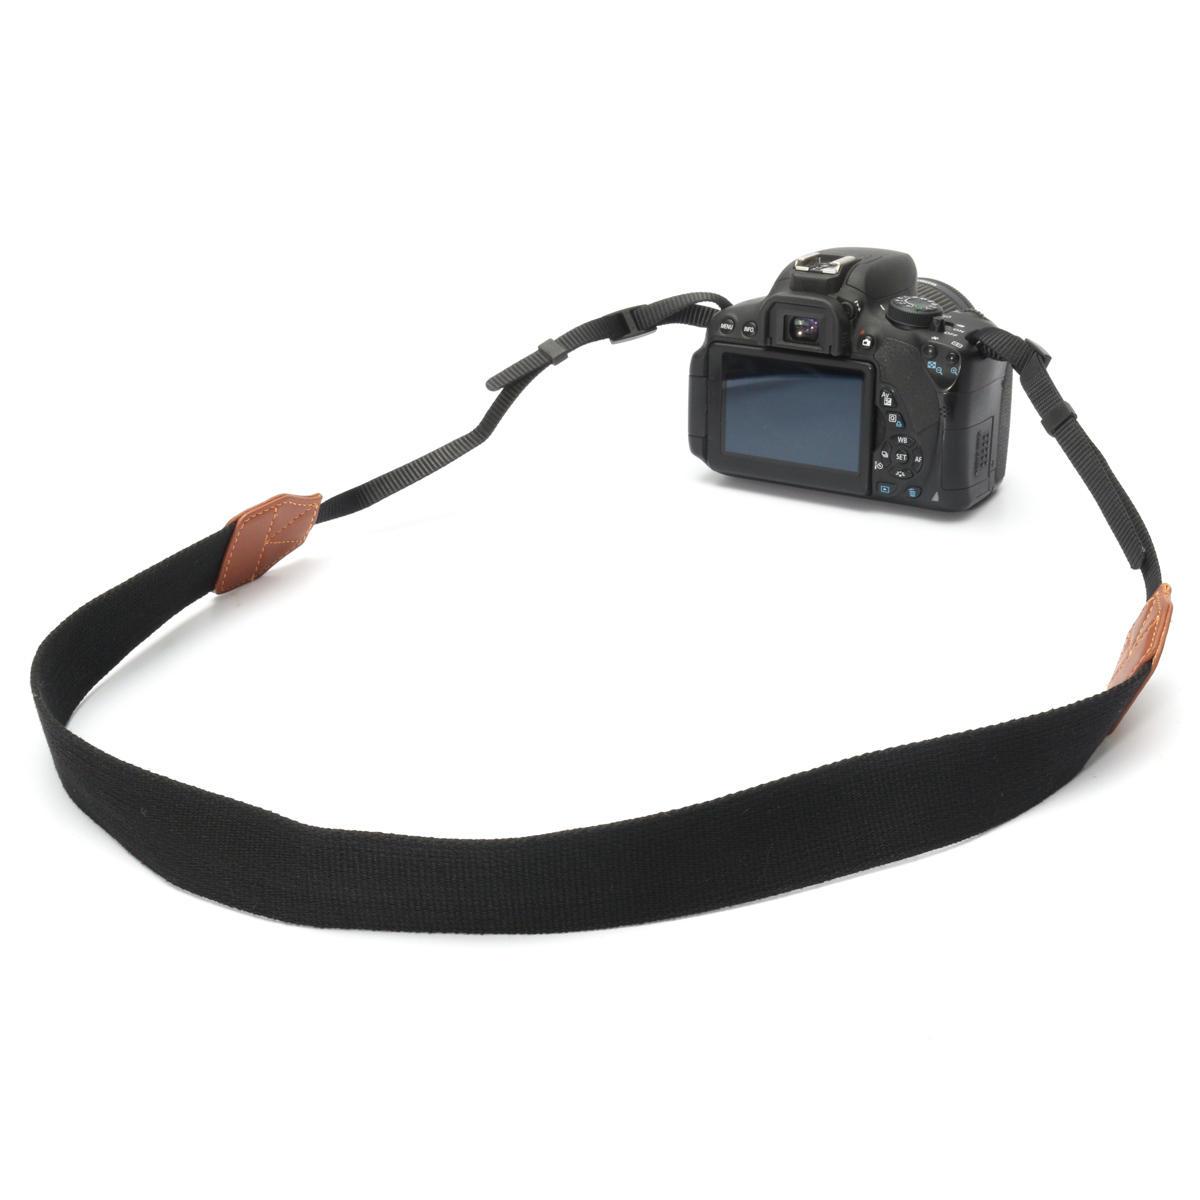 Alça de Pendurar Ajustável Antiderrapante Universal para Câmera DSLR